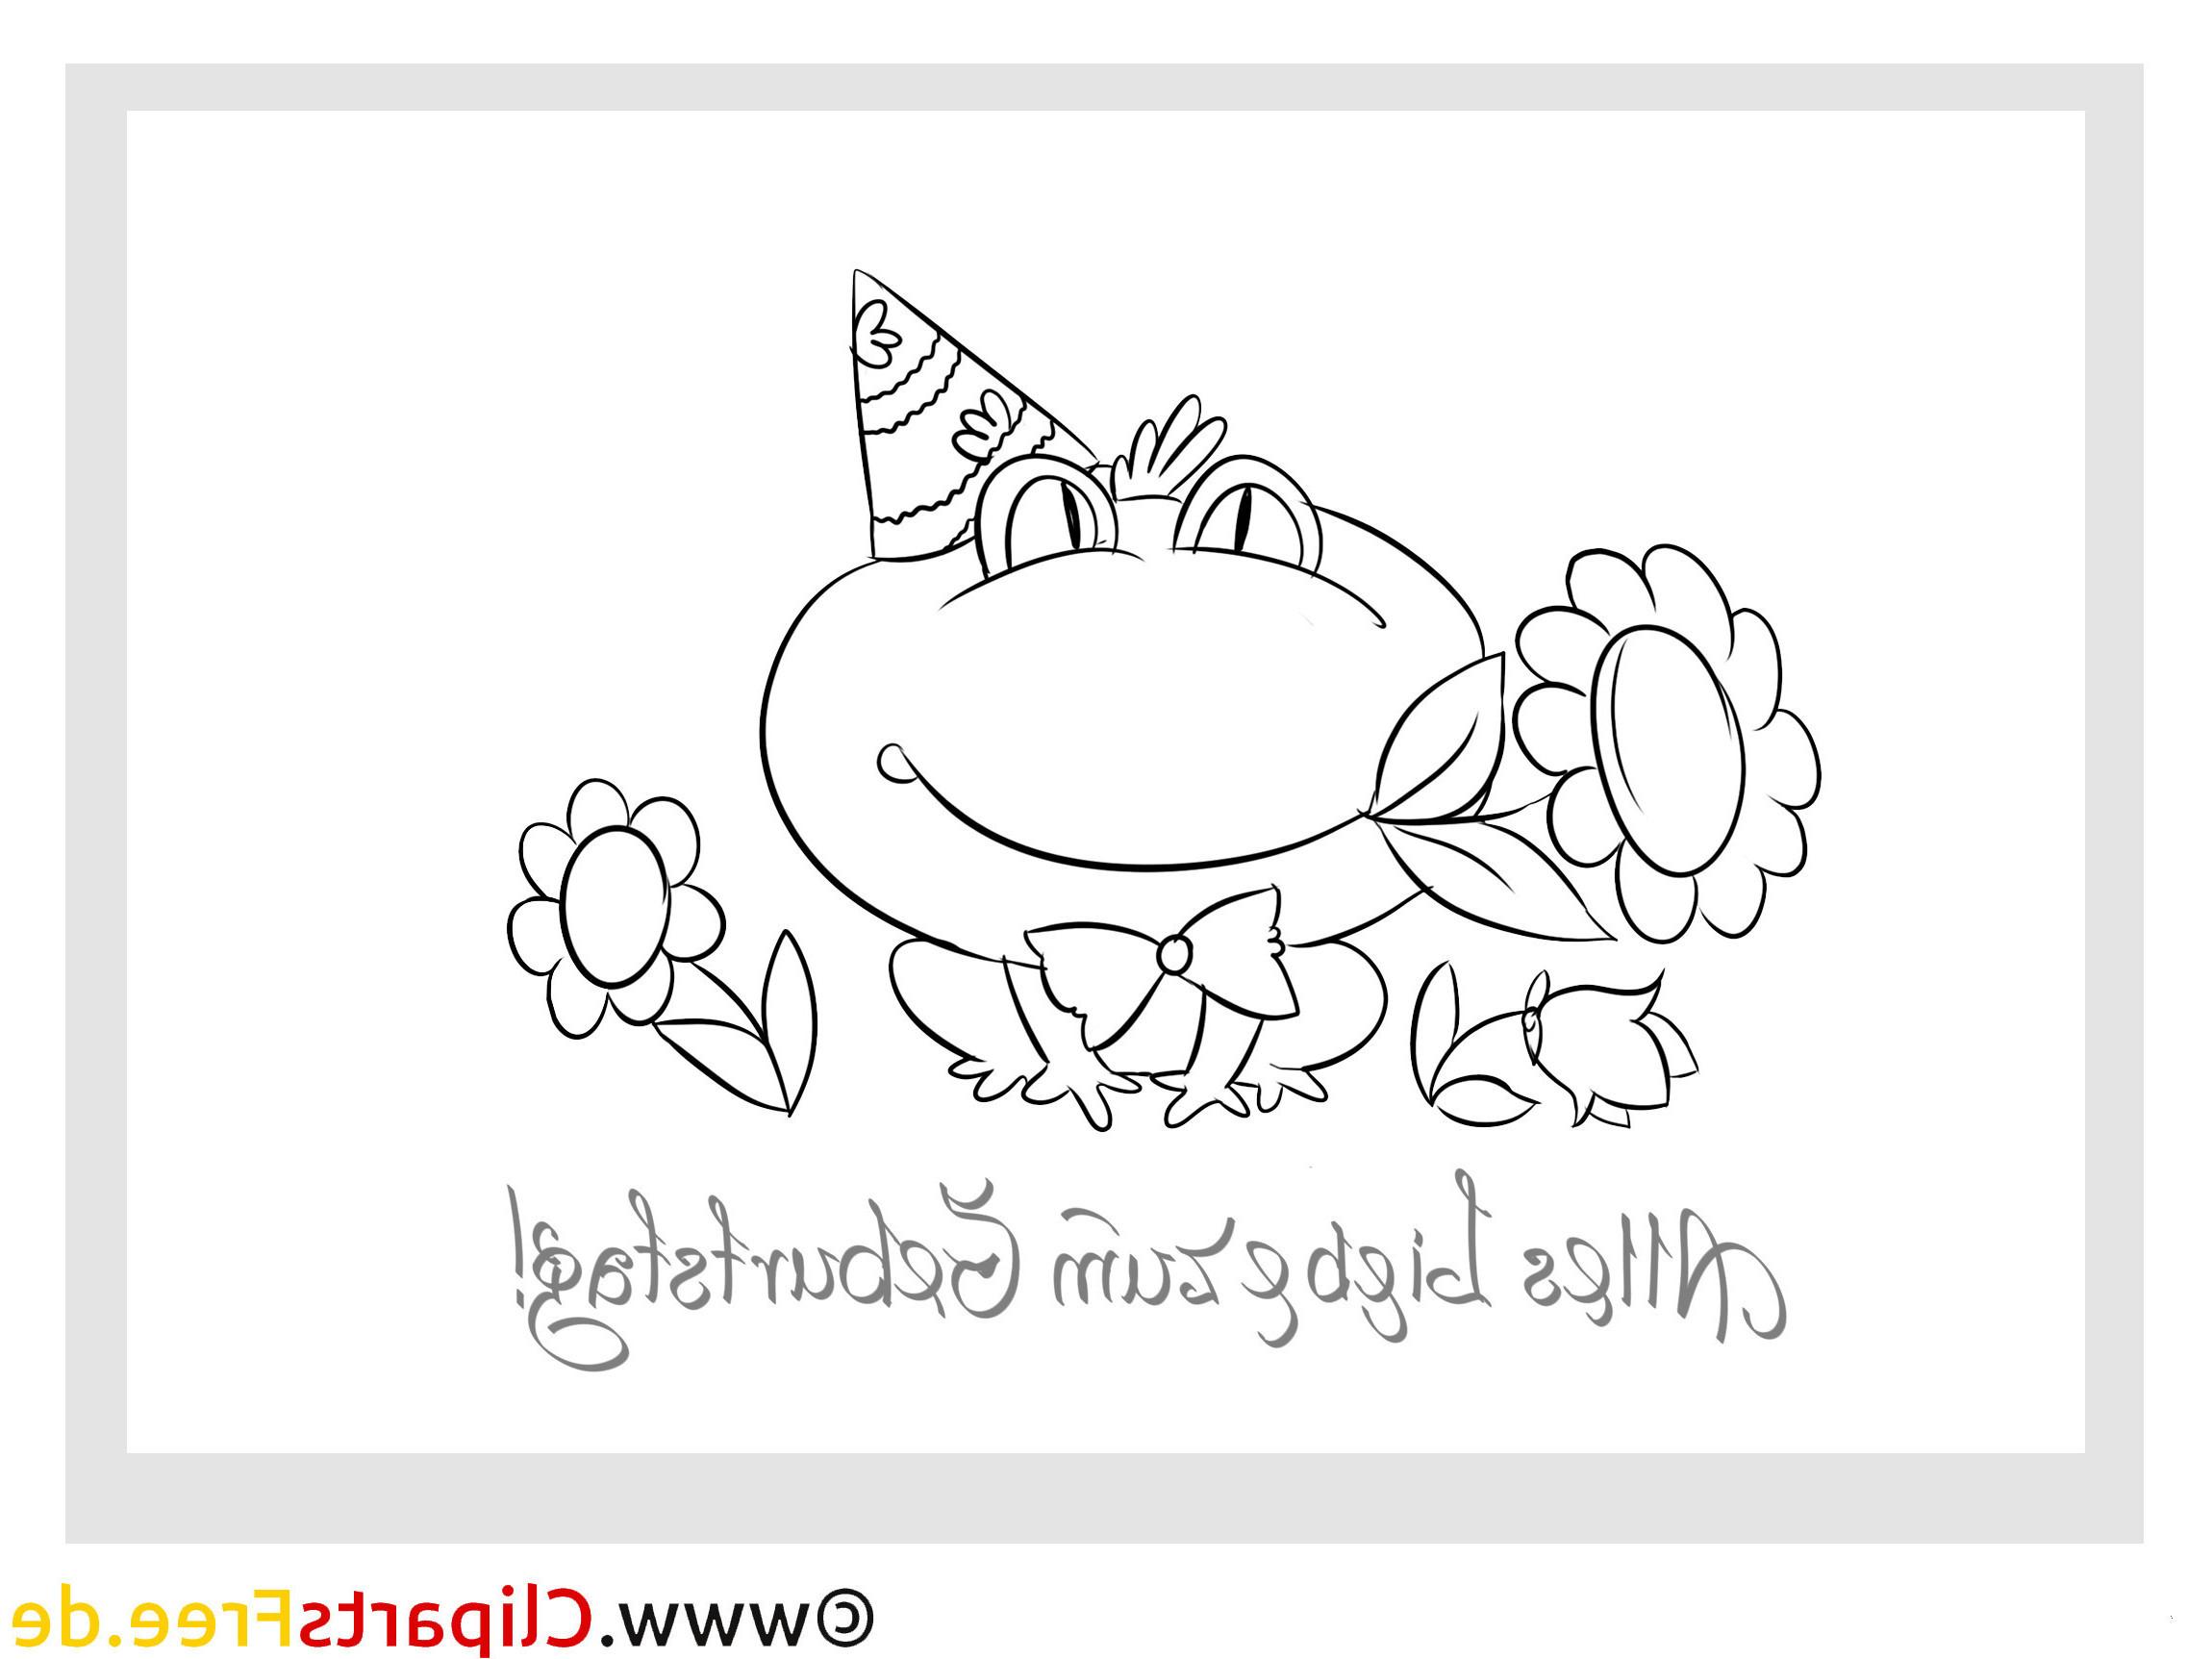 Motorrad Zeichnung Zum Ausmalen Frisch 31 Frisch Einhorn Ausmalbilder – Malvorlagen Ideen Bilder